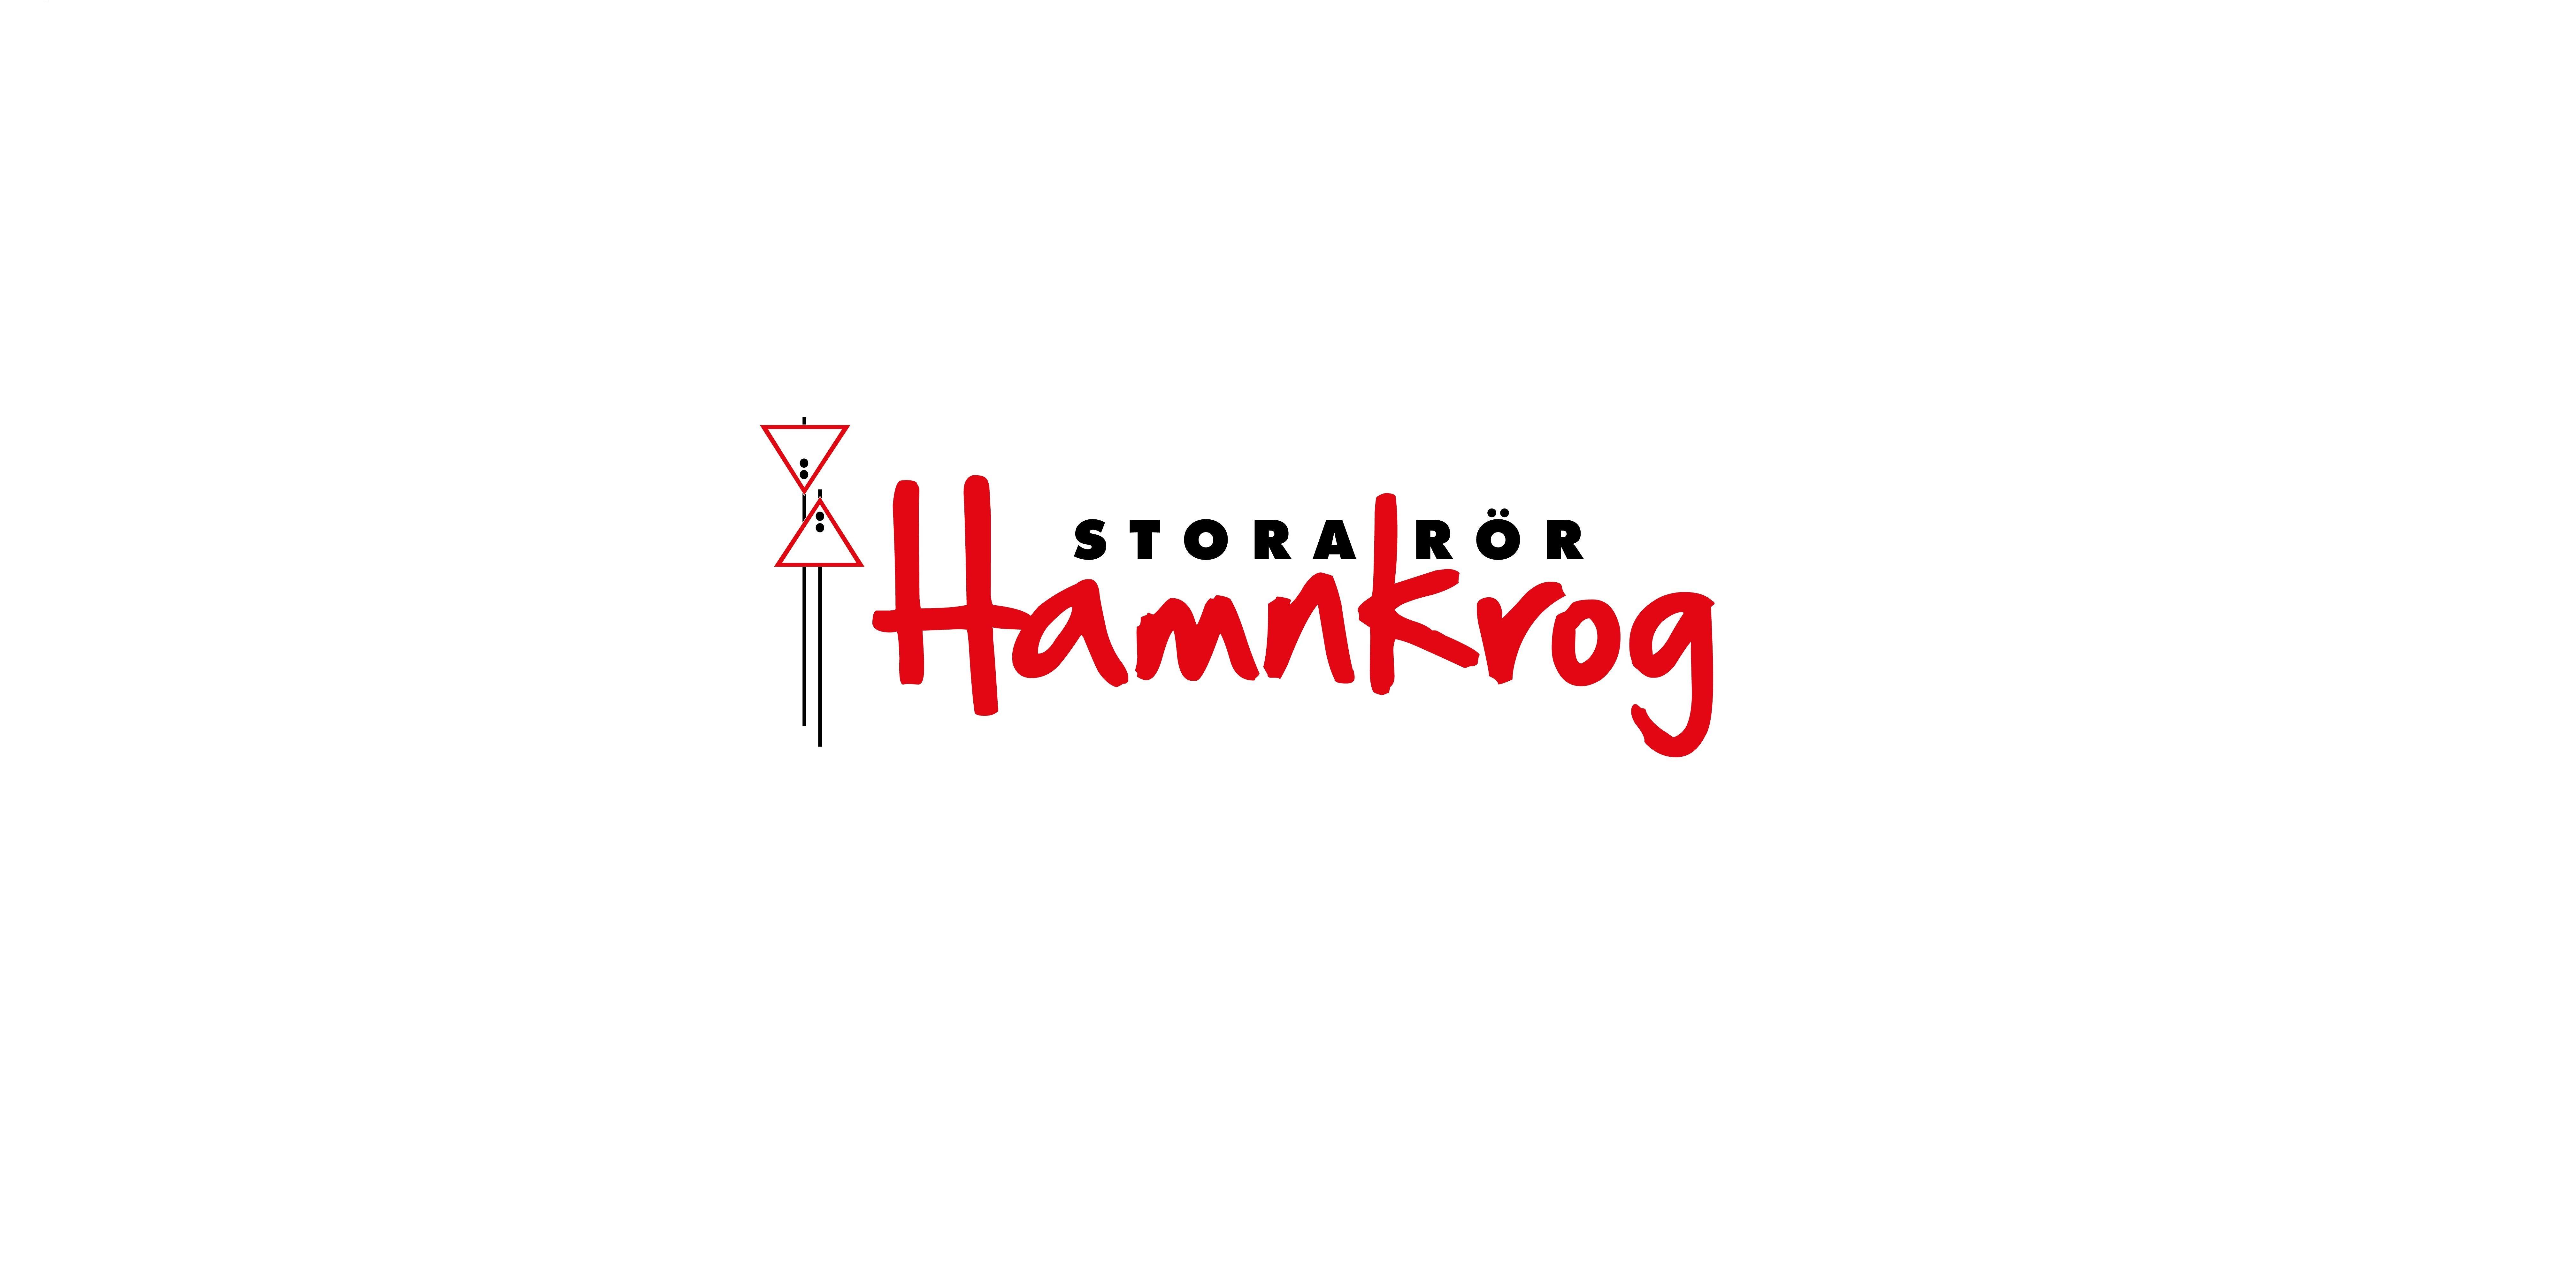 Stora Rör Hamnkrog